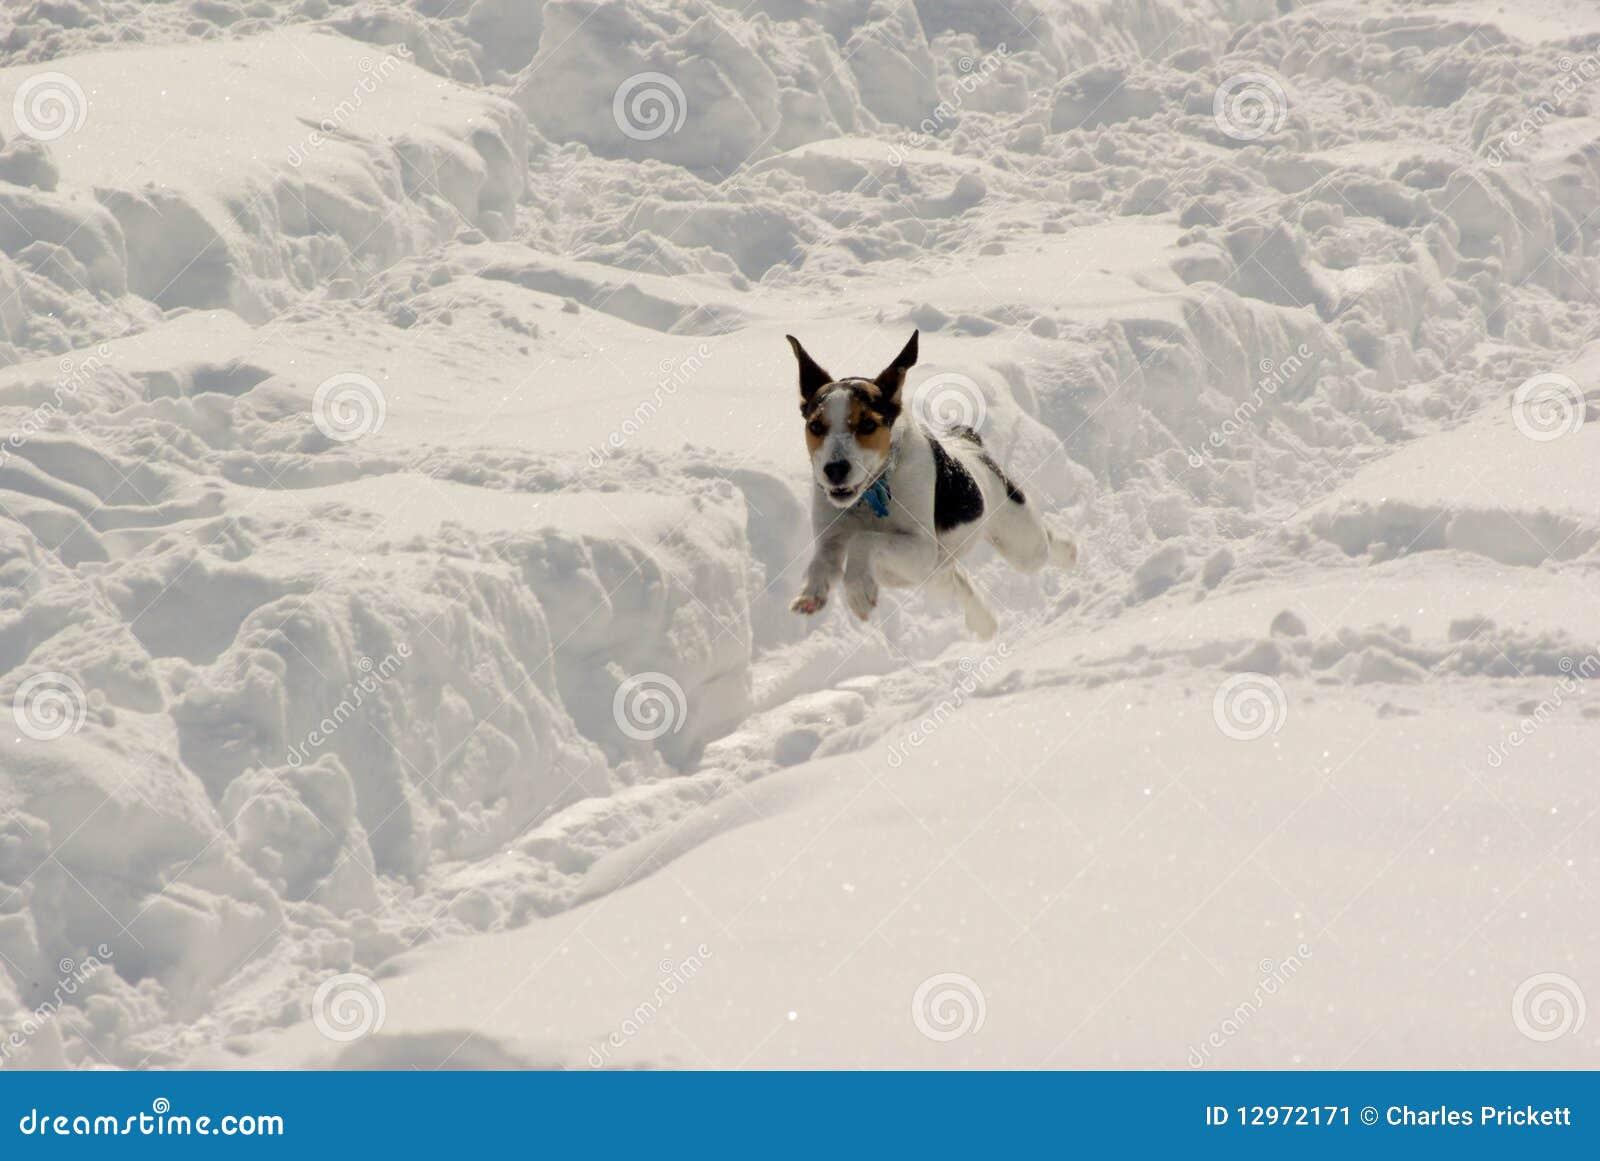 Schnee-Spaß